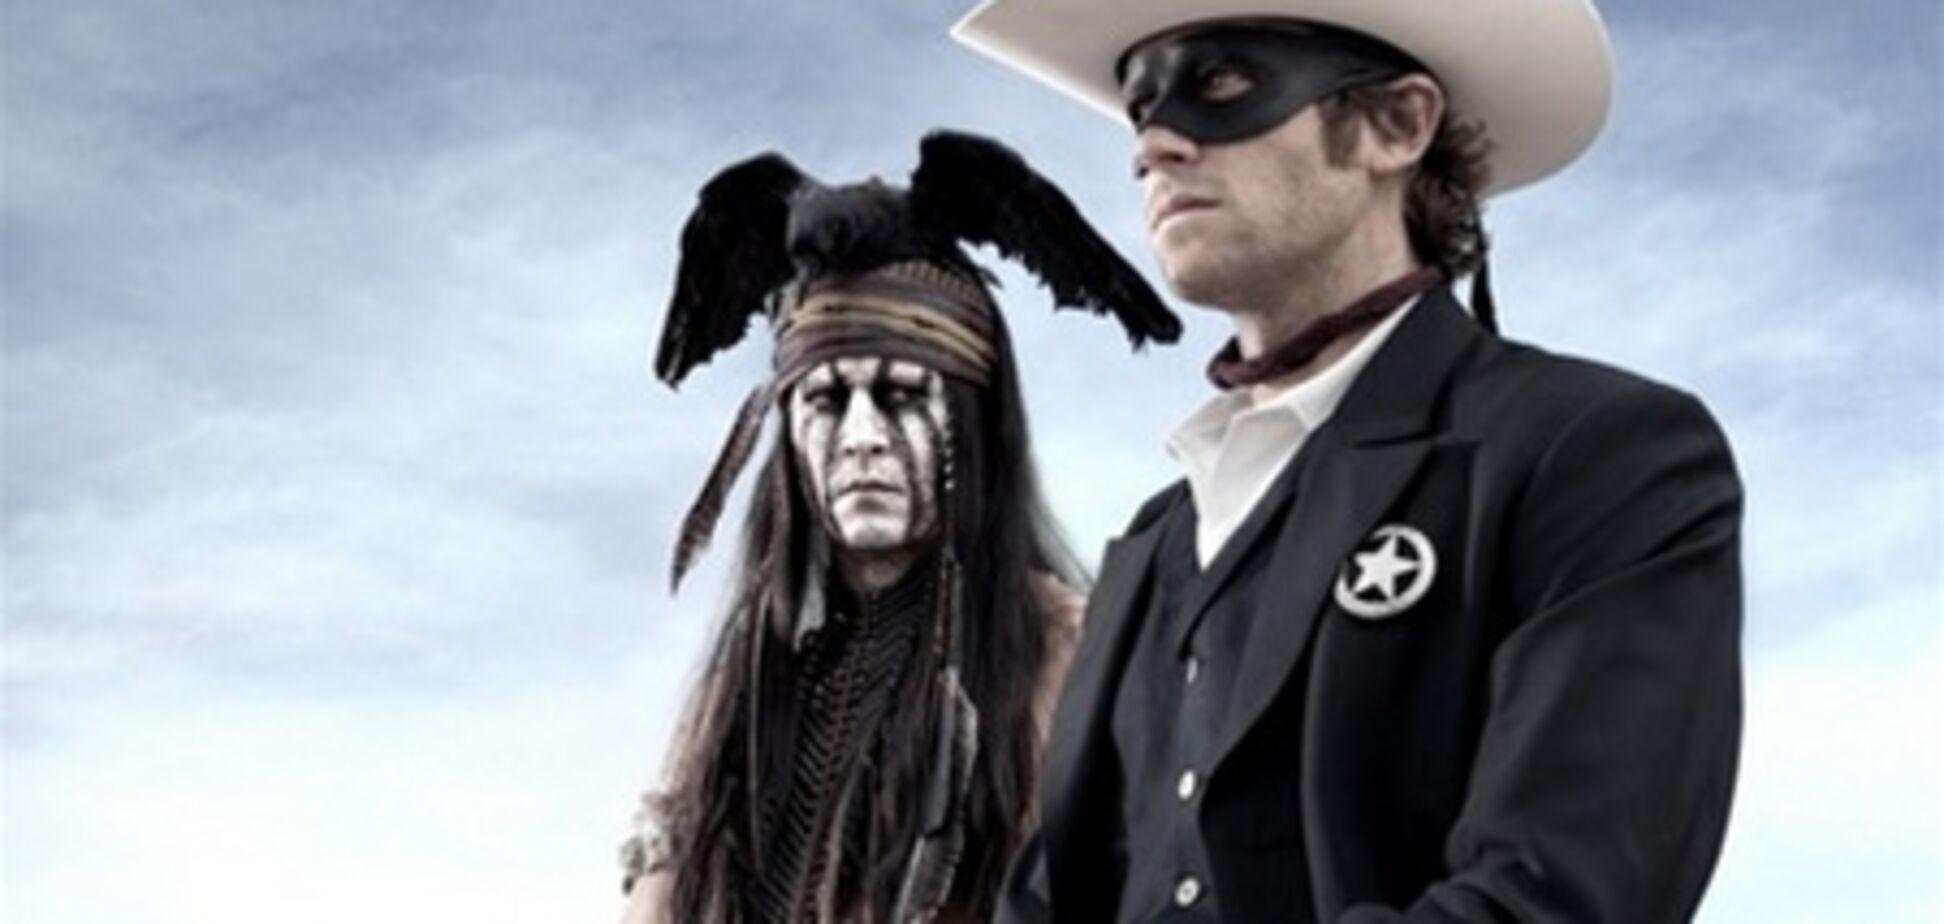 Откуда у Джонни Деппа ворона на голове?